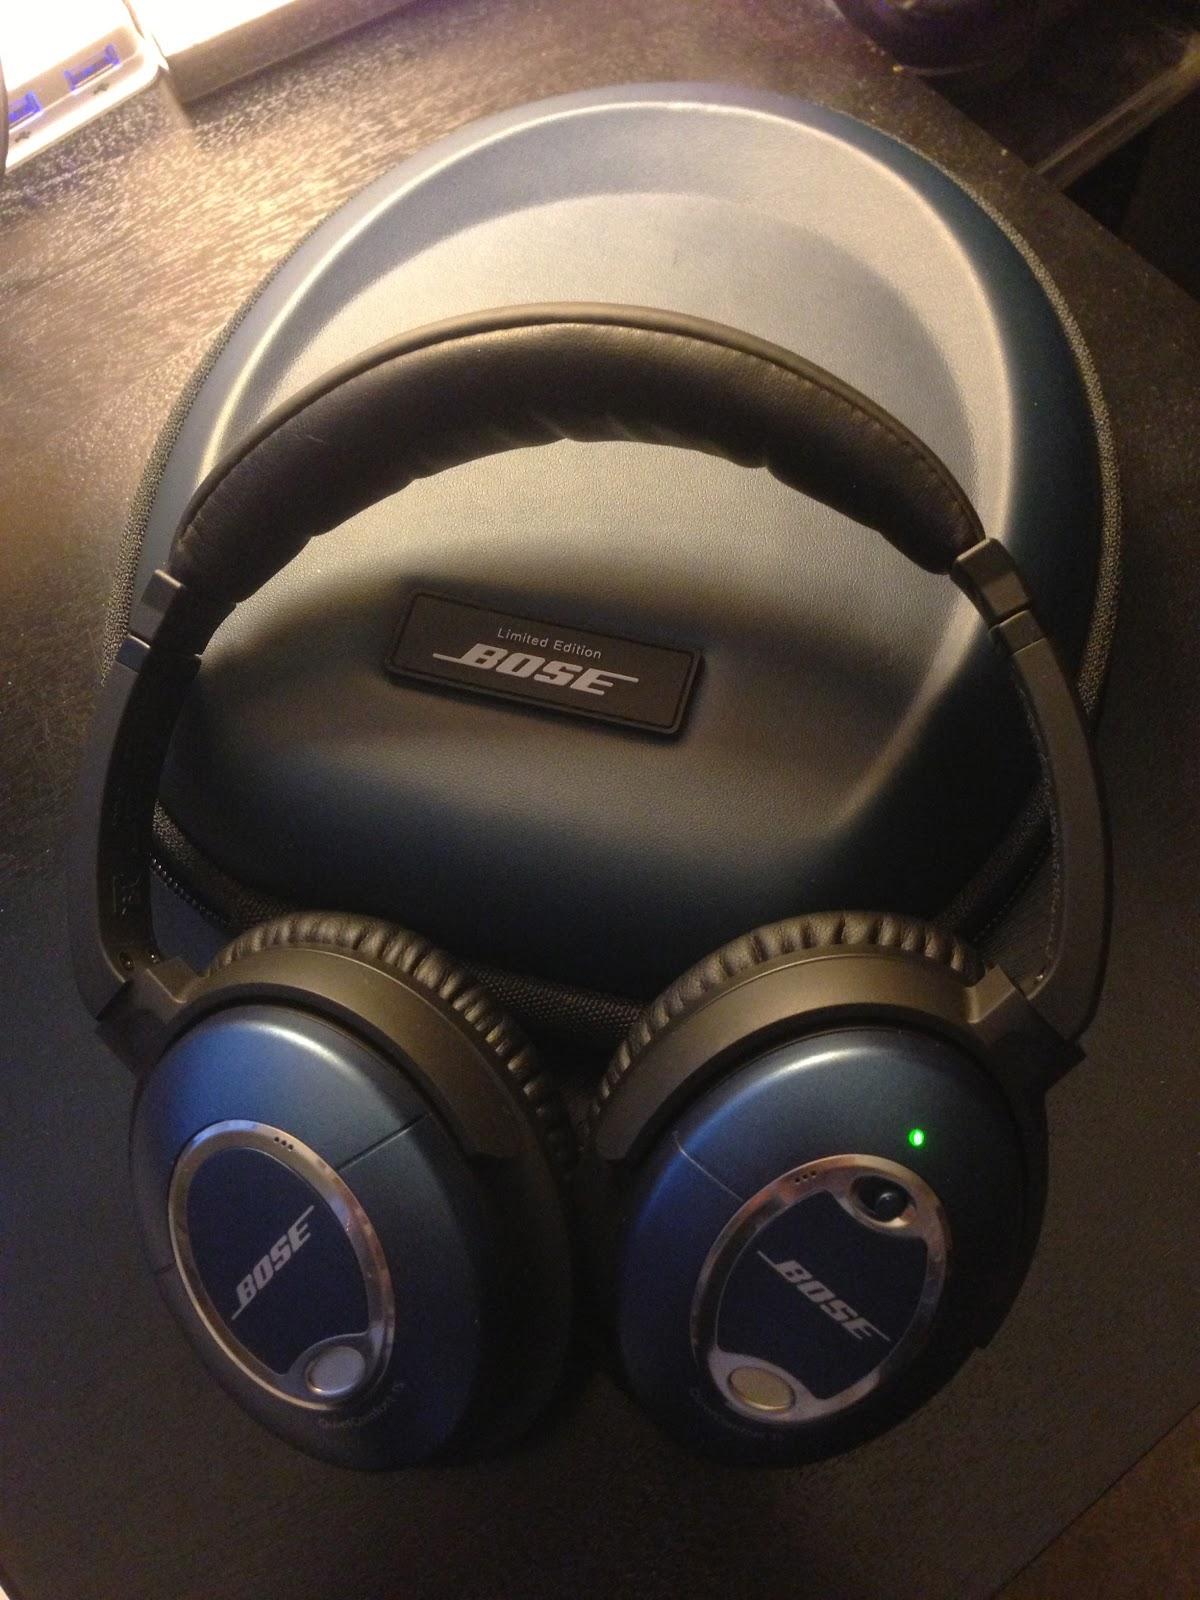 active headphones comforter cancelling bose comfort reviewed quietcomfort quiet noise